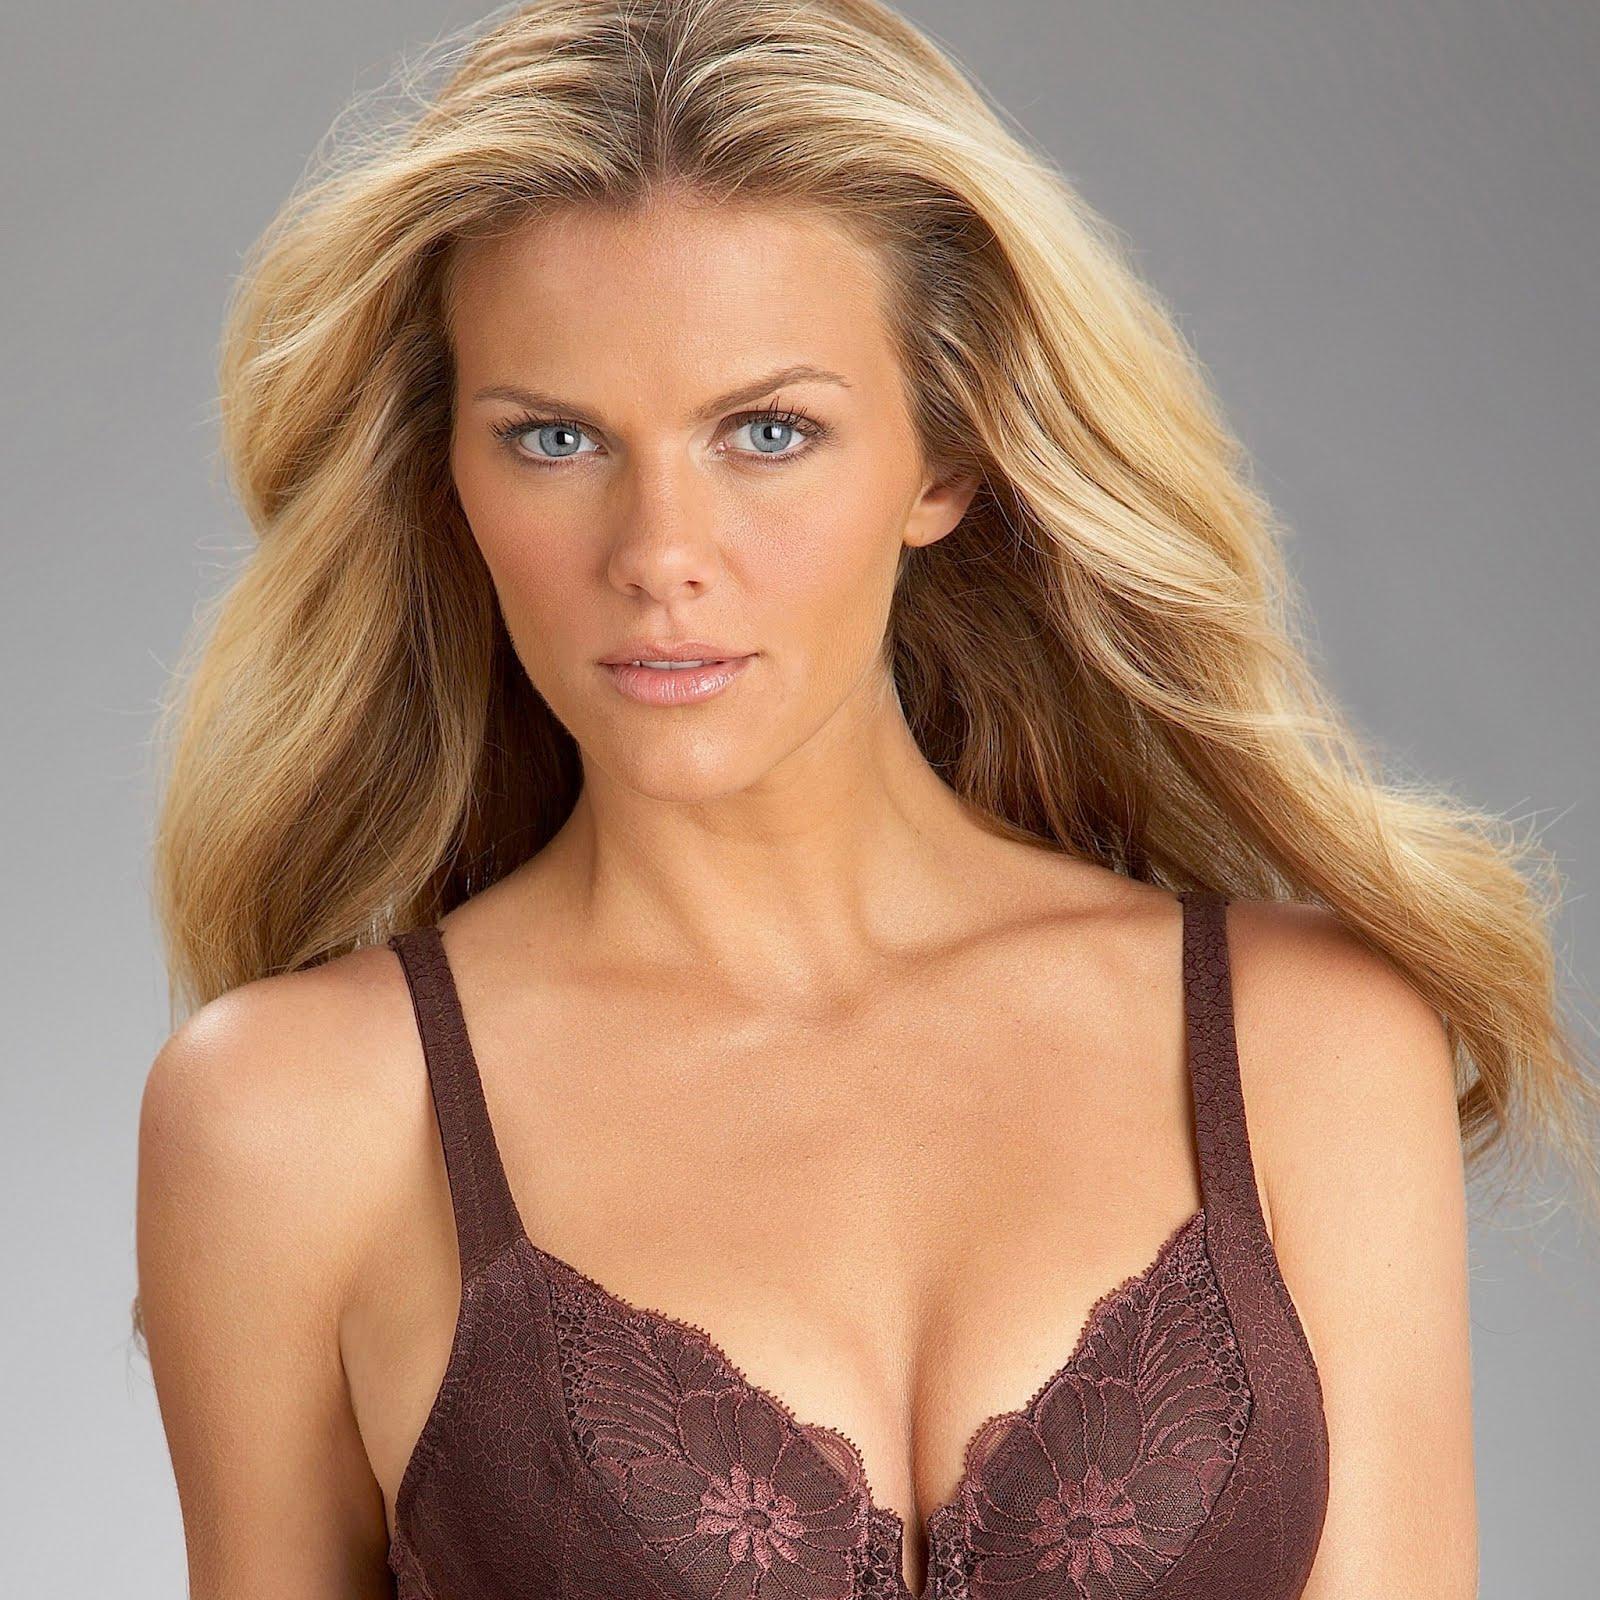 http://3.bp.blogspot.com/-RmEuPr7XtHk/UDugHk8jbAI/AAAAAAAALas/zJHVpXcbAsc/s1600/brooklyn-decker-in-lingerie-wallpaper2048.jpg